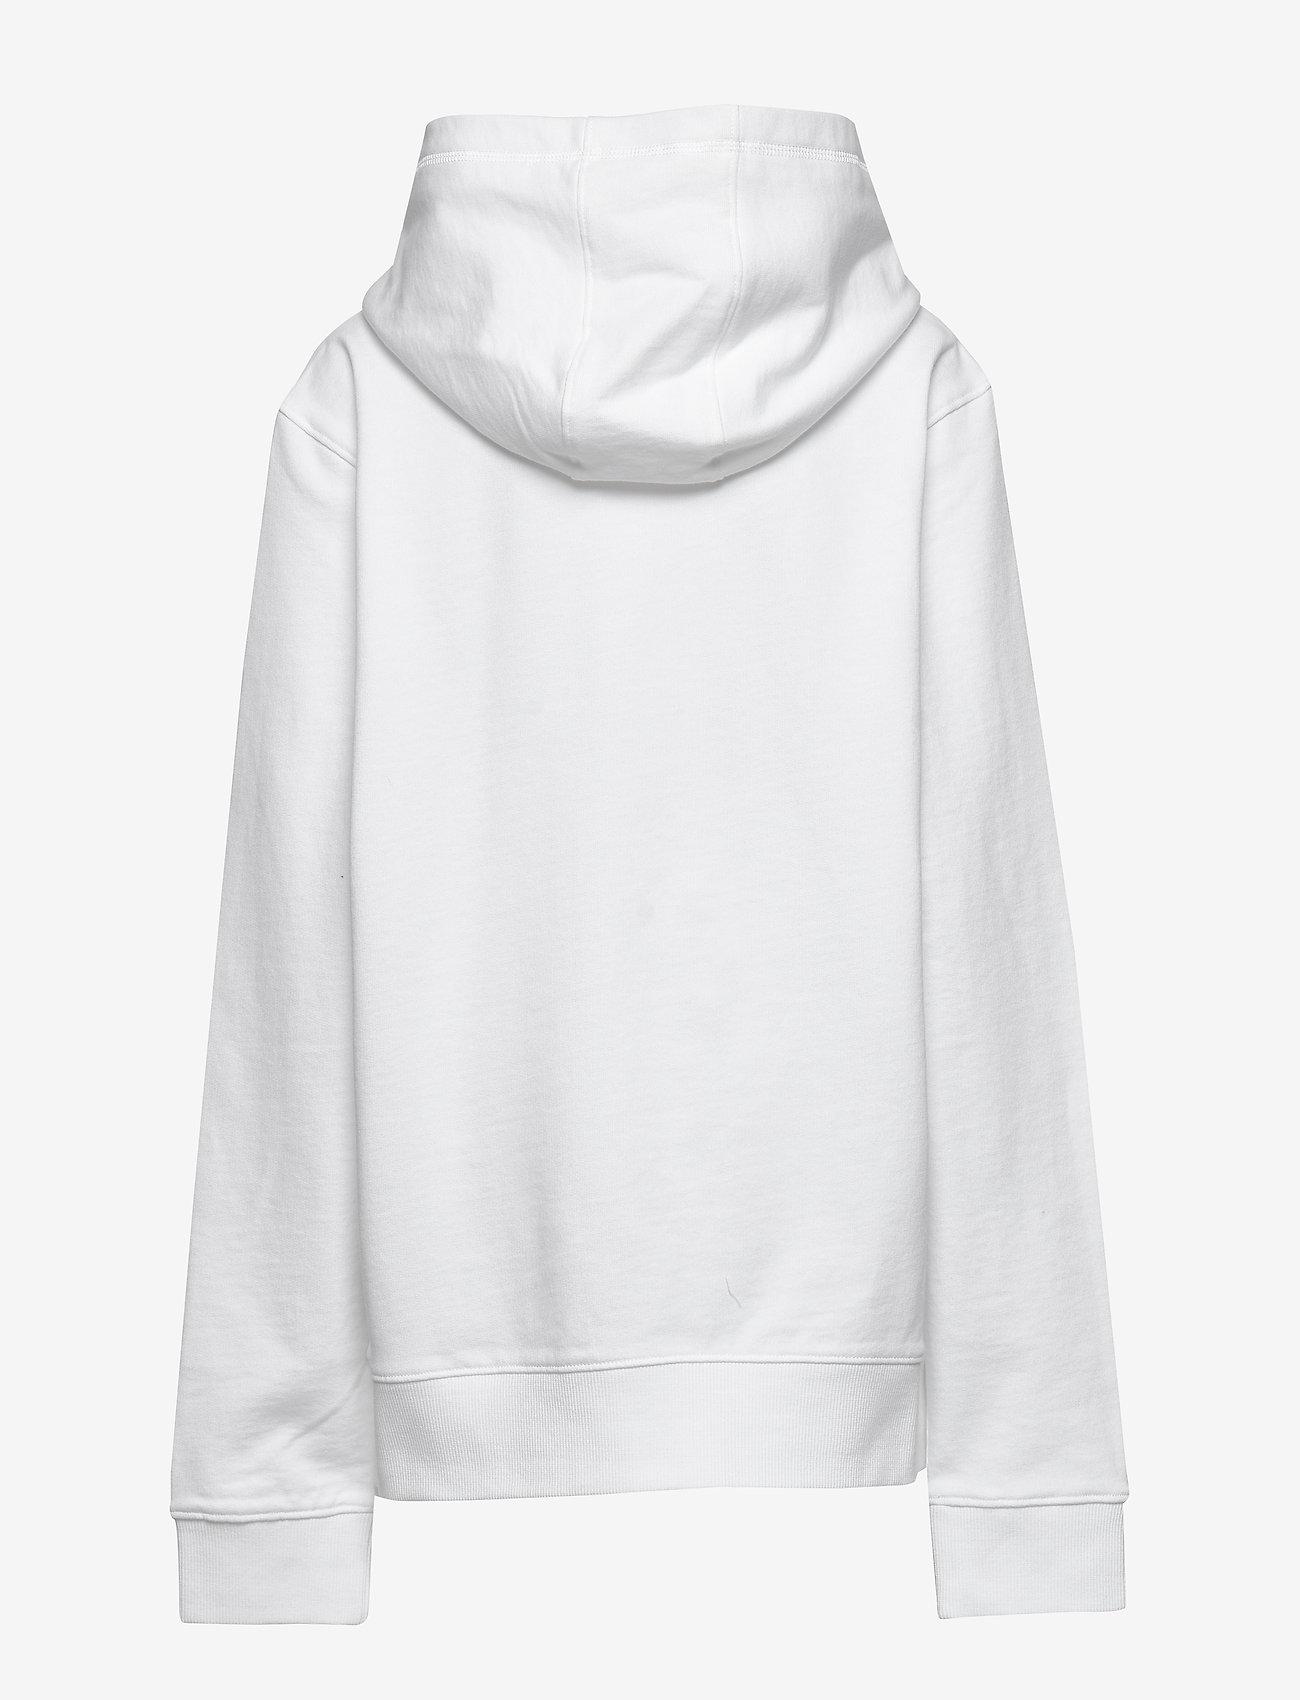 Tommy Hilfiger - ESSENTIAL HOODIE - hoodies - white 658-170